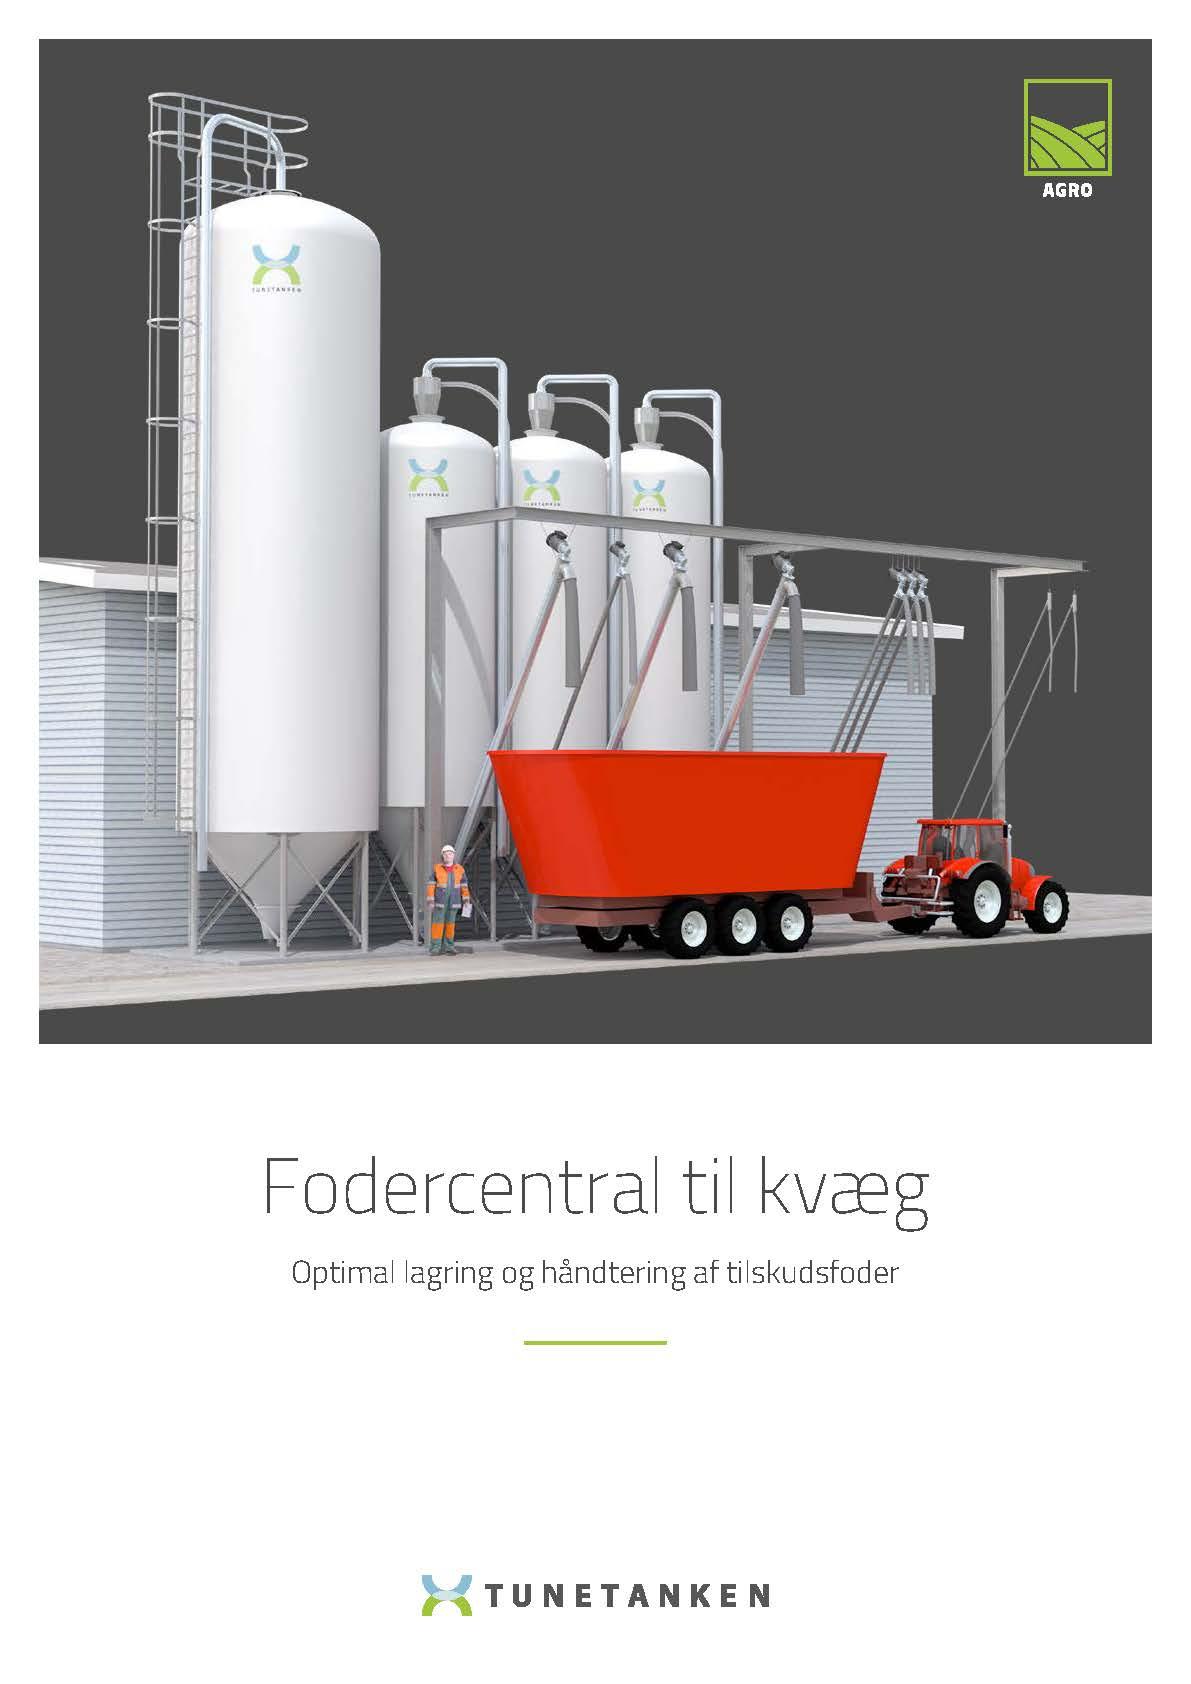 Fodercentral Til Kvæg Brochure